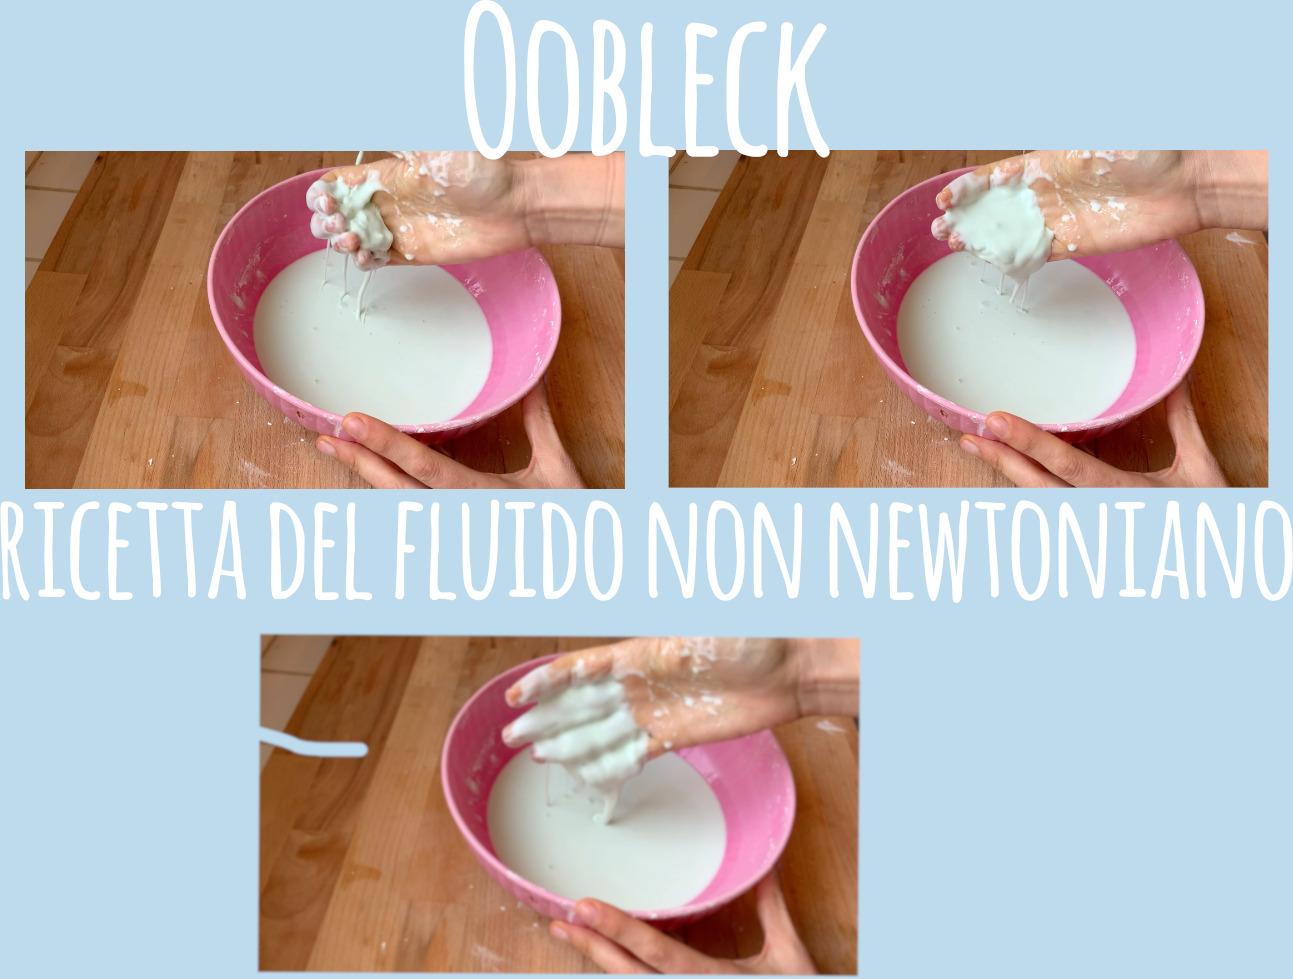 Oobleck ricetta del fluido non newtoniano